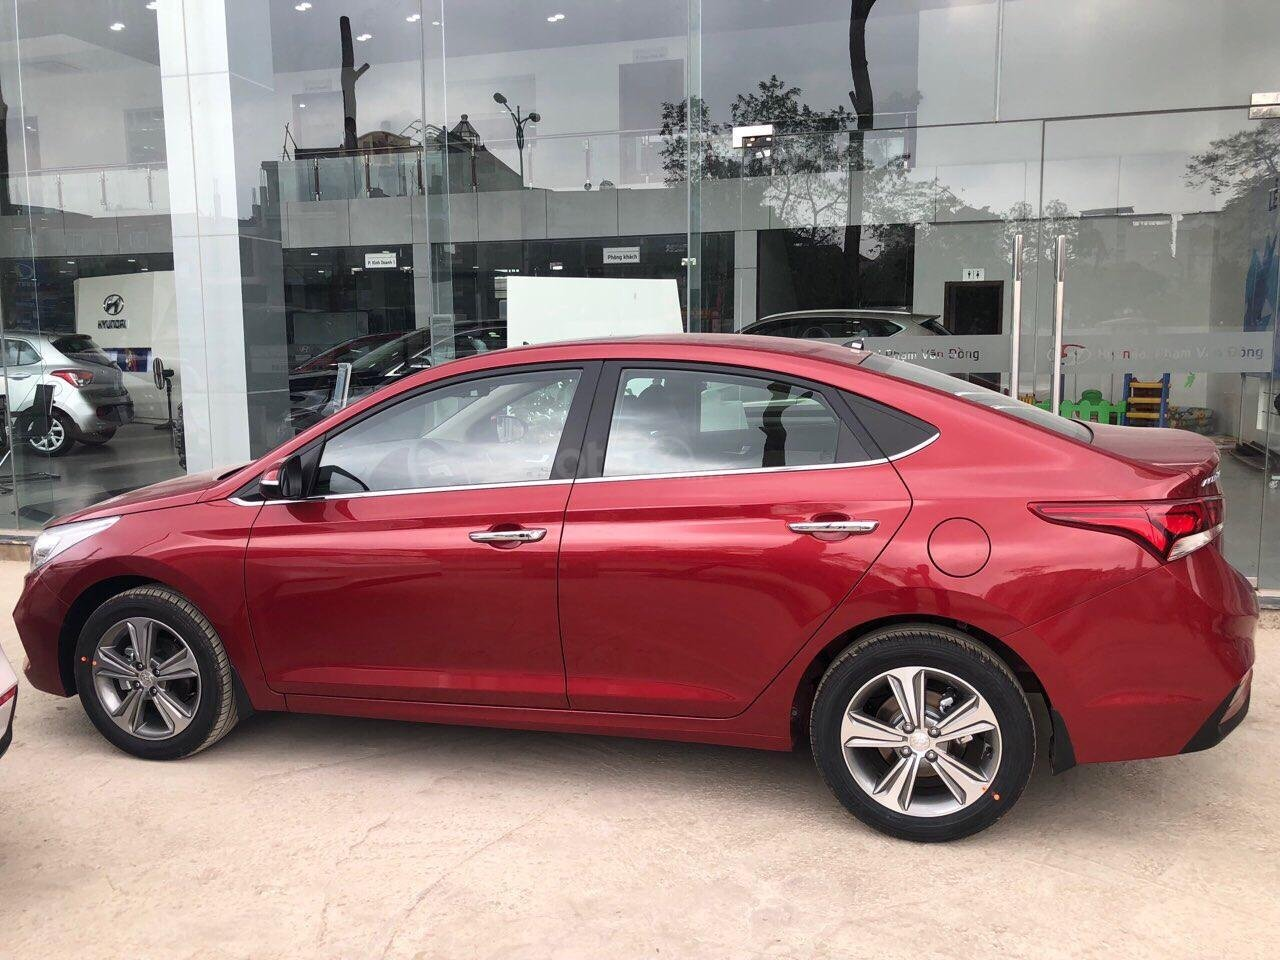 Hyundai Accent năm 2020, sẵn xe đủ màu giao ngay các bản - trả góp lên đến 85% giá trị xe - mua xe giá tốt nhất tại đây (6)